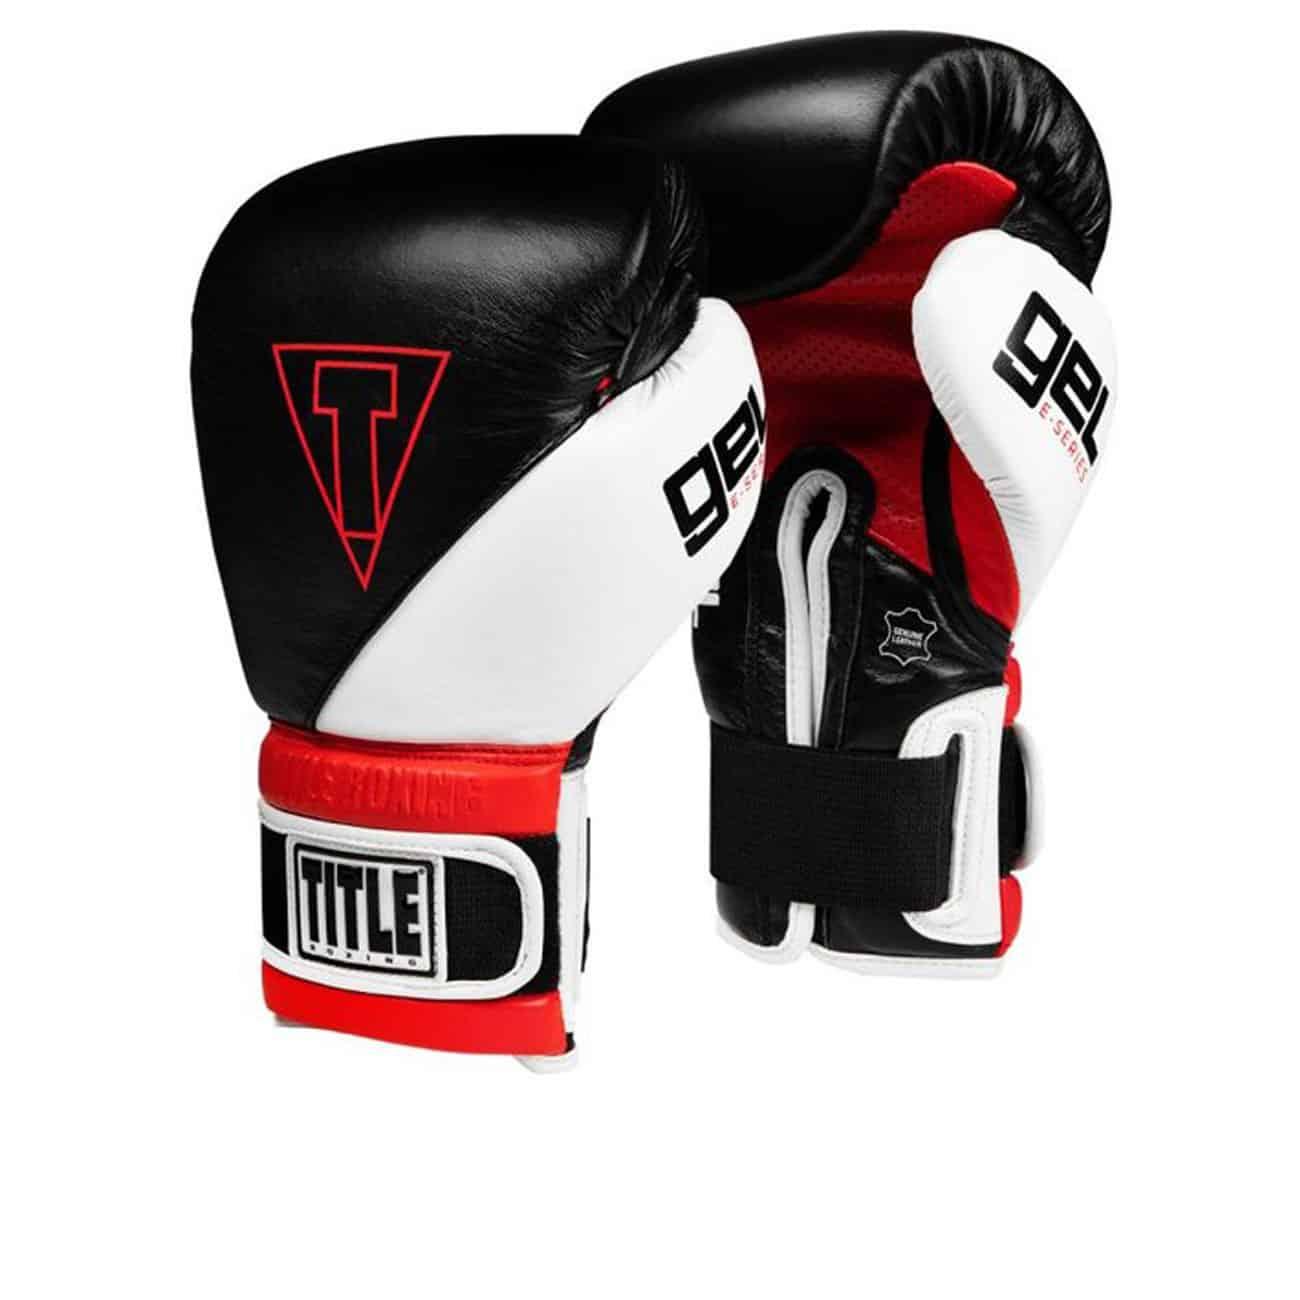 Boxningshandskar i läder, svart ovansida och vita och röda detaljer. Gel stoppning och kardborrelåsning